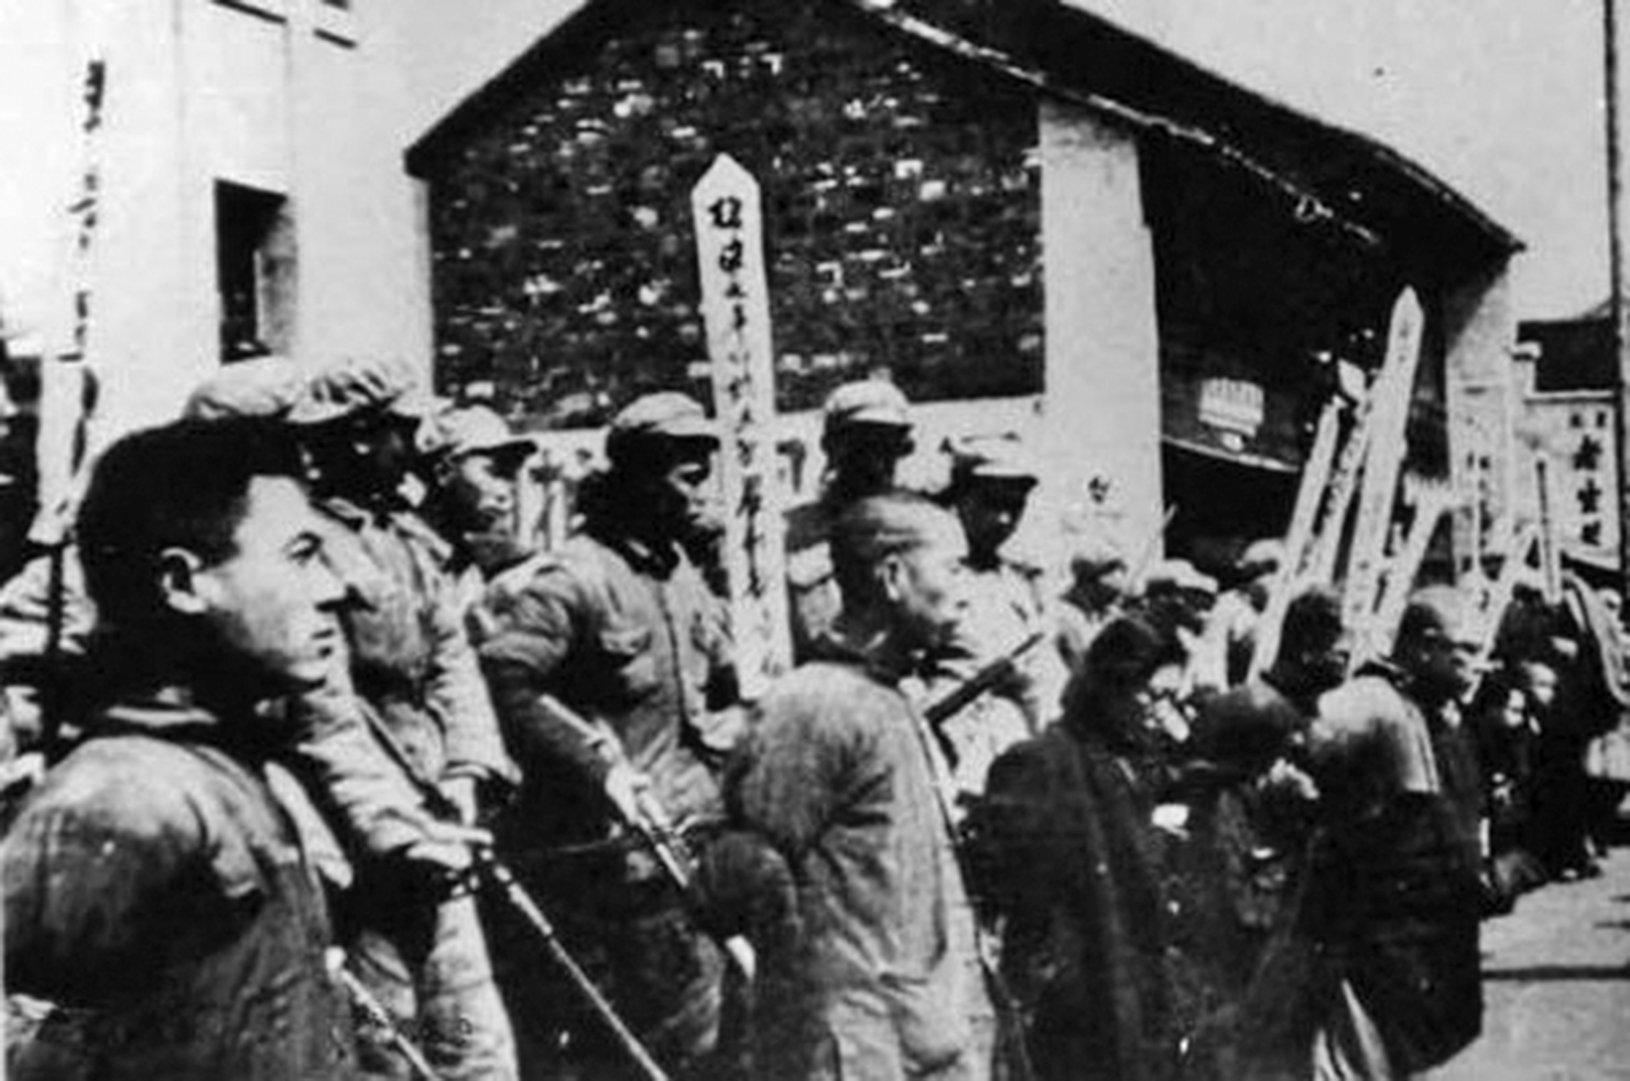 「鎮反」運動是「鎮壓反革命」運動的簡稱──所謂「反革命」,則是中共權勢者用來構陷對方、置人於死地且包羅萬象的罪名。(網絡圖片)